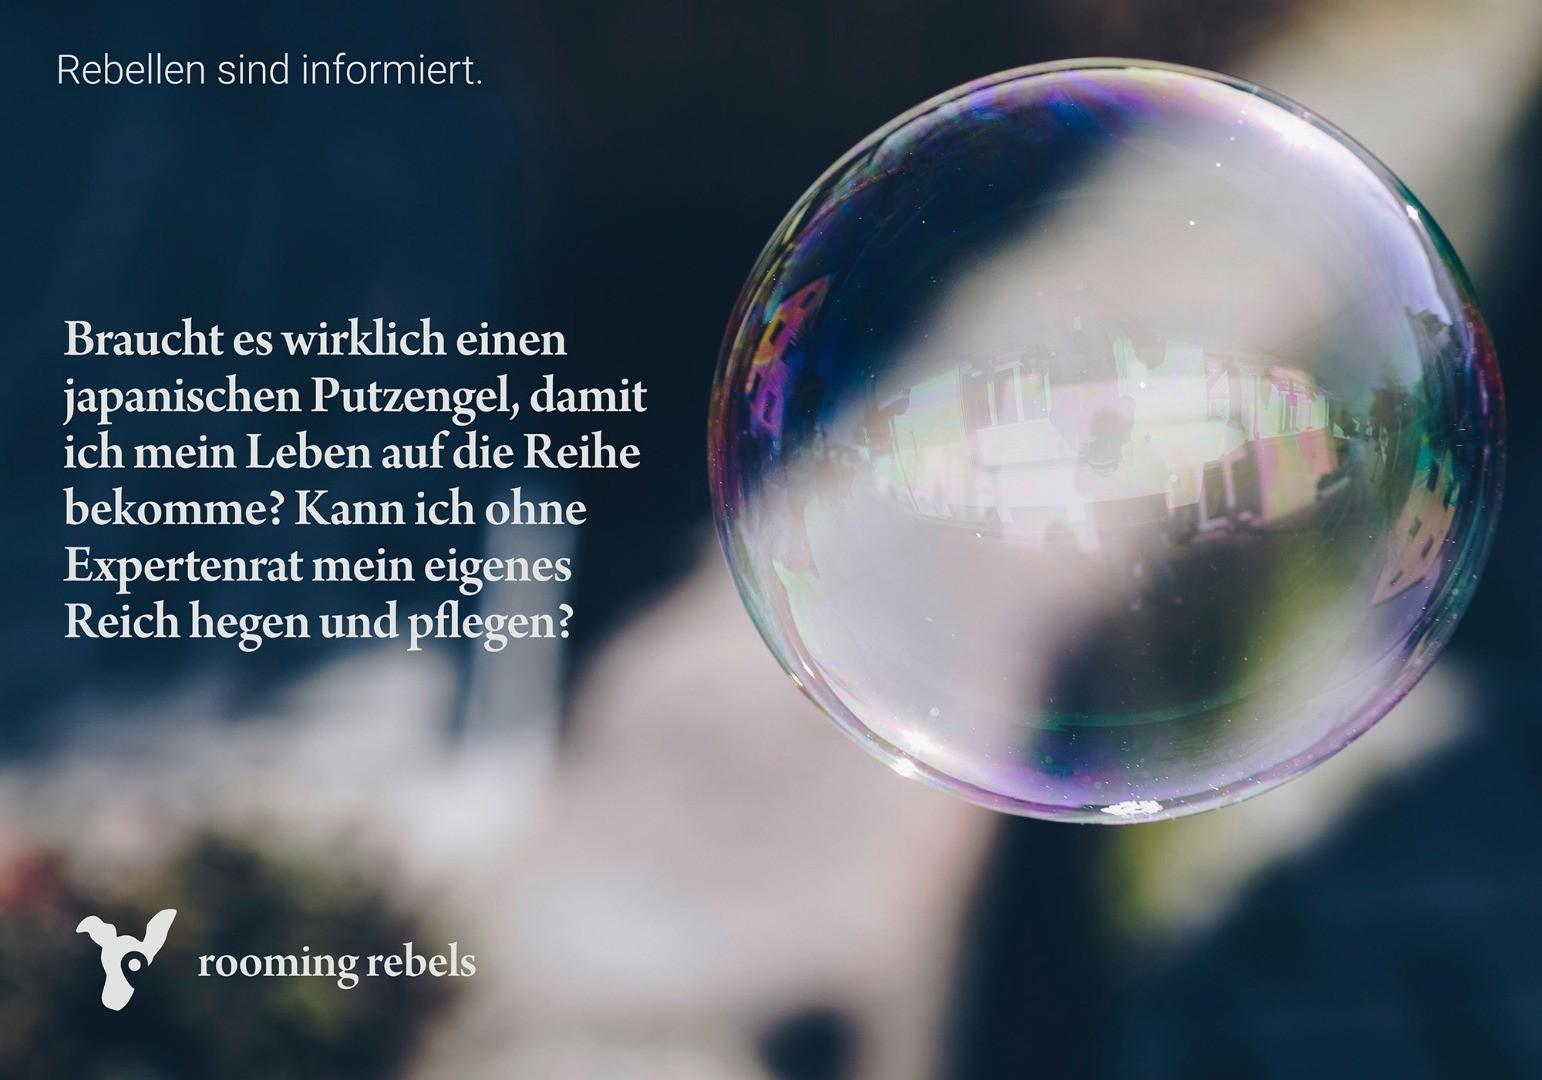 rebellen-sind-informiert_lebst-du-schon_2019_2000_.jpg